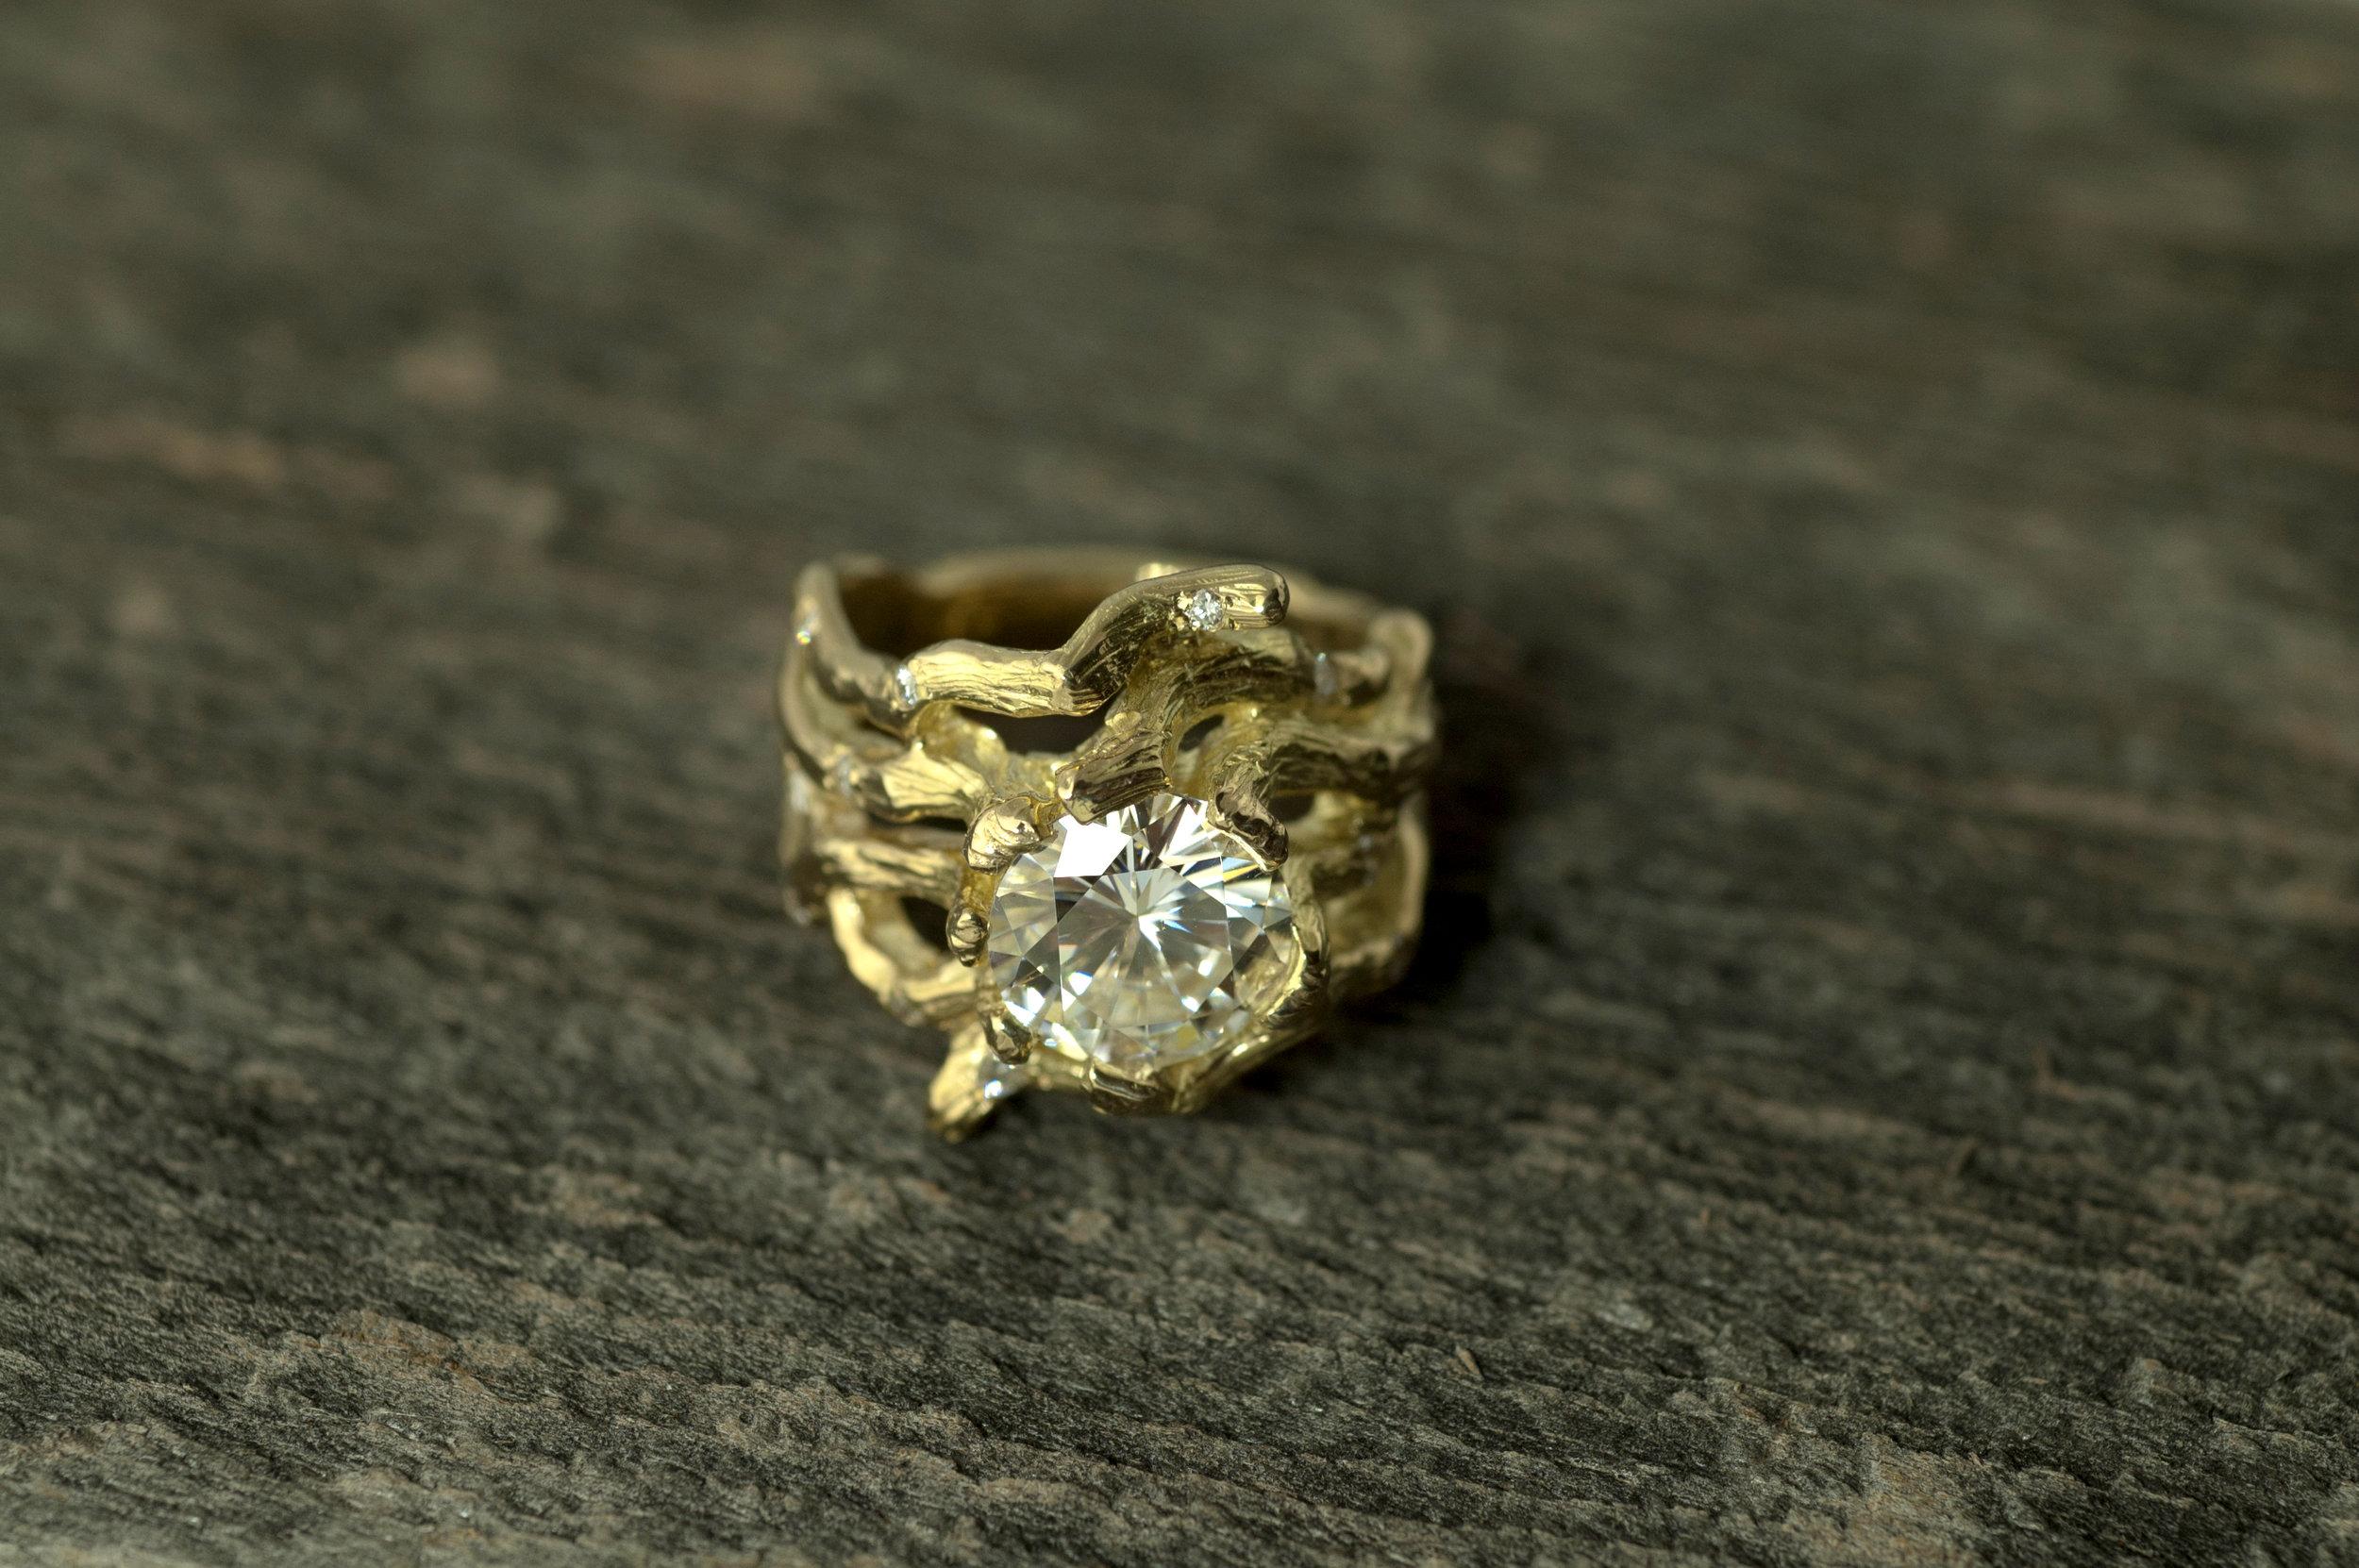 darvier-carved-vine-gold-wedding-band-moissanite.jpg